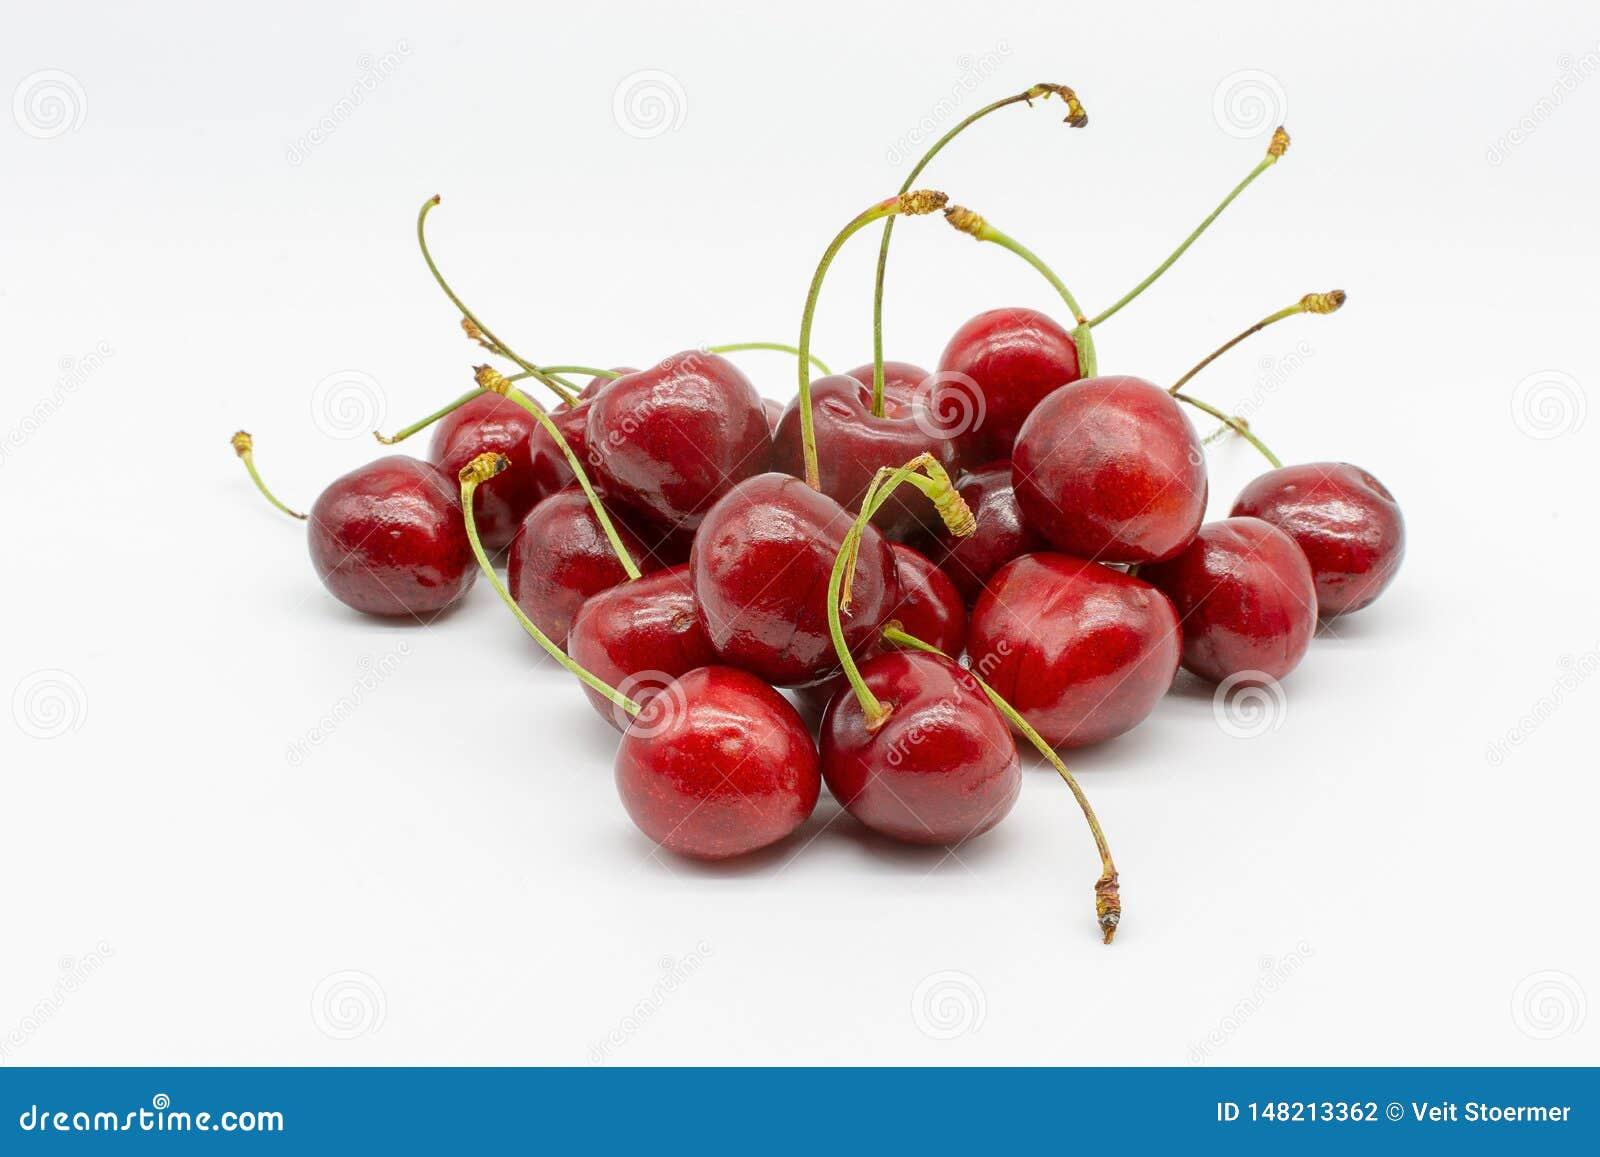 Eine Handvoll von rotem reifem saftige Kirschen